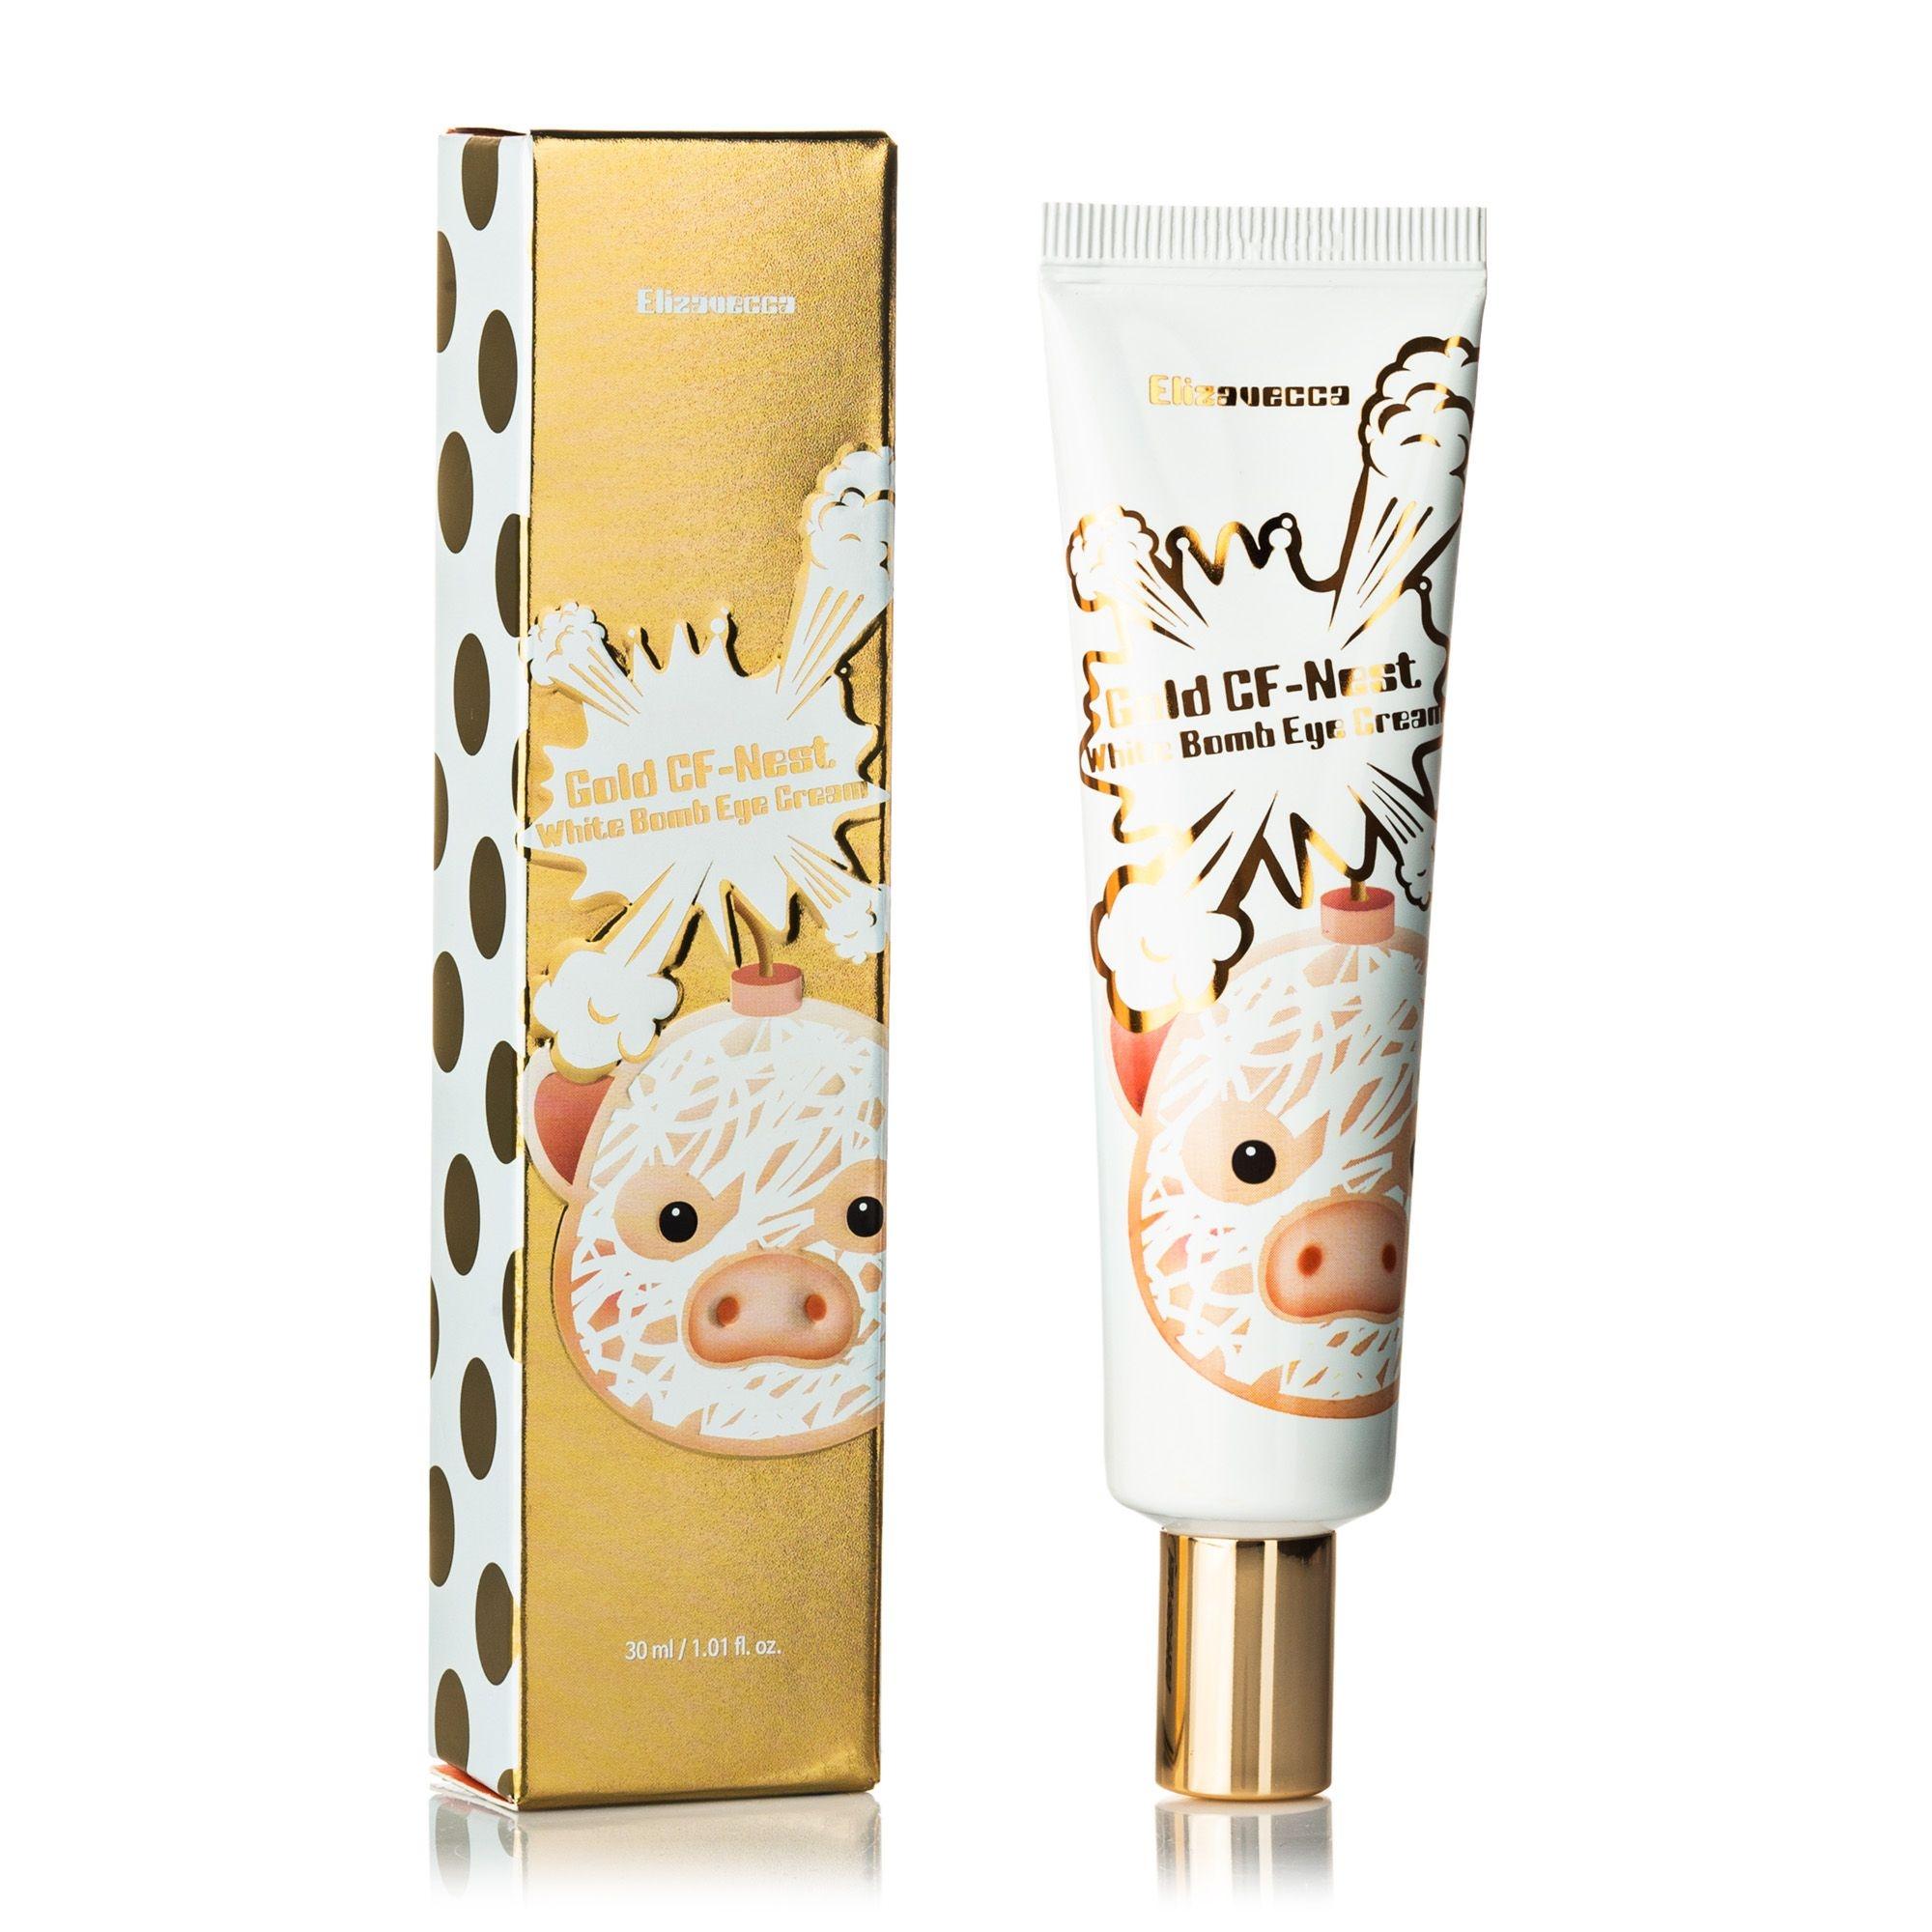 Elizavecca Крем Gold CF-Nest White Bomb Eye Cream Осветляющий для Глаз с Экстрактом Ласточкиного Гнезда, 30 мл